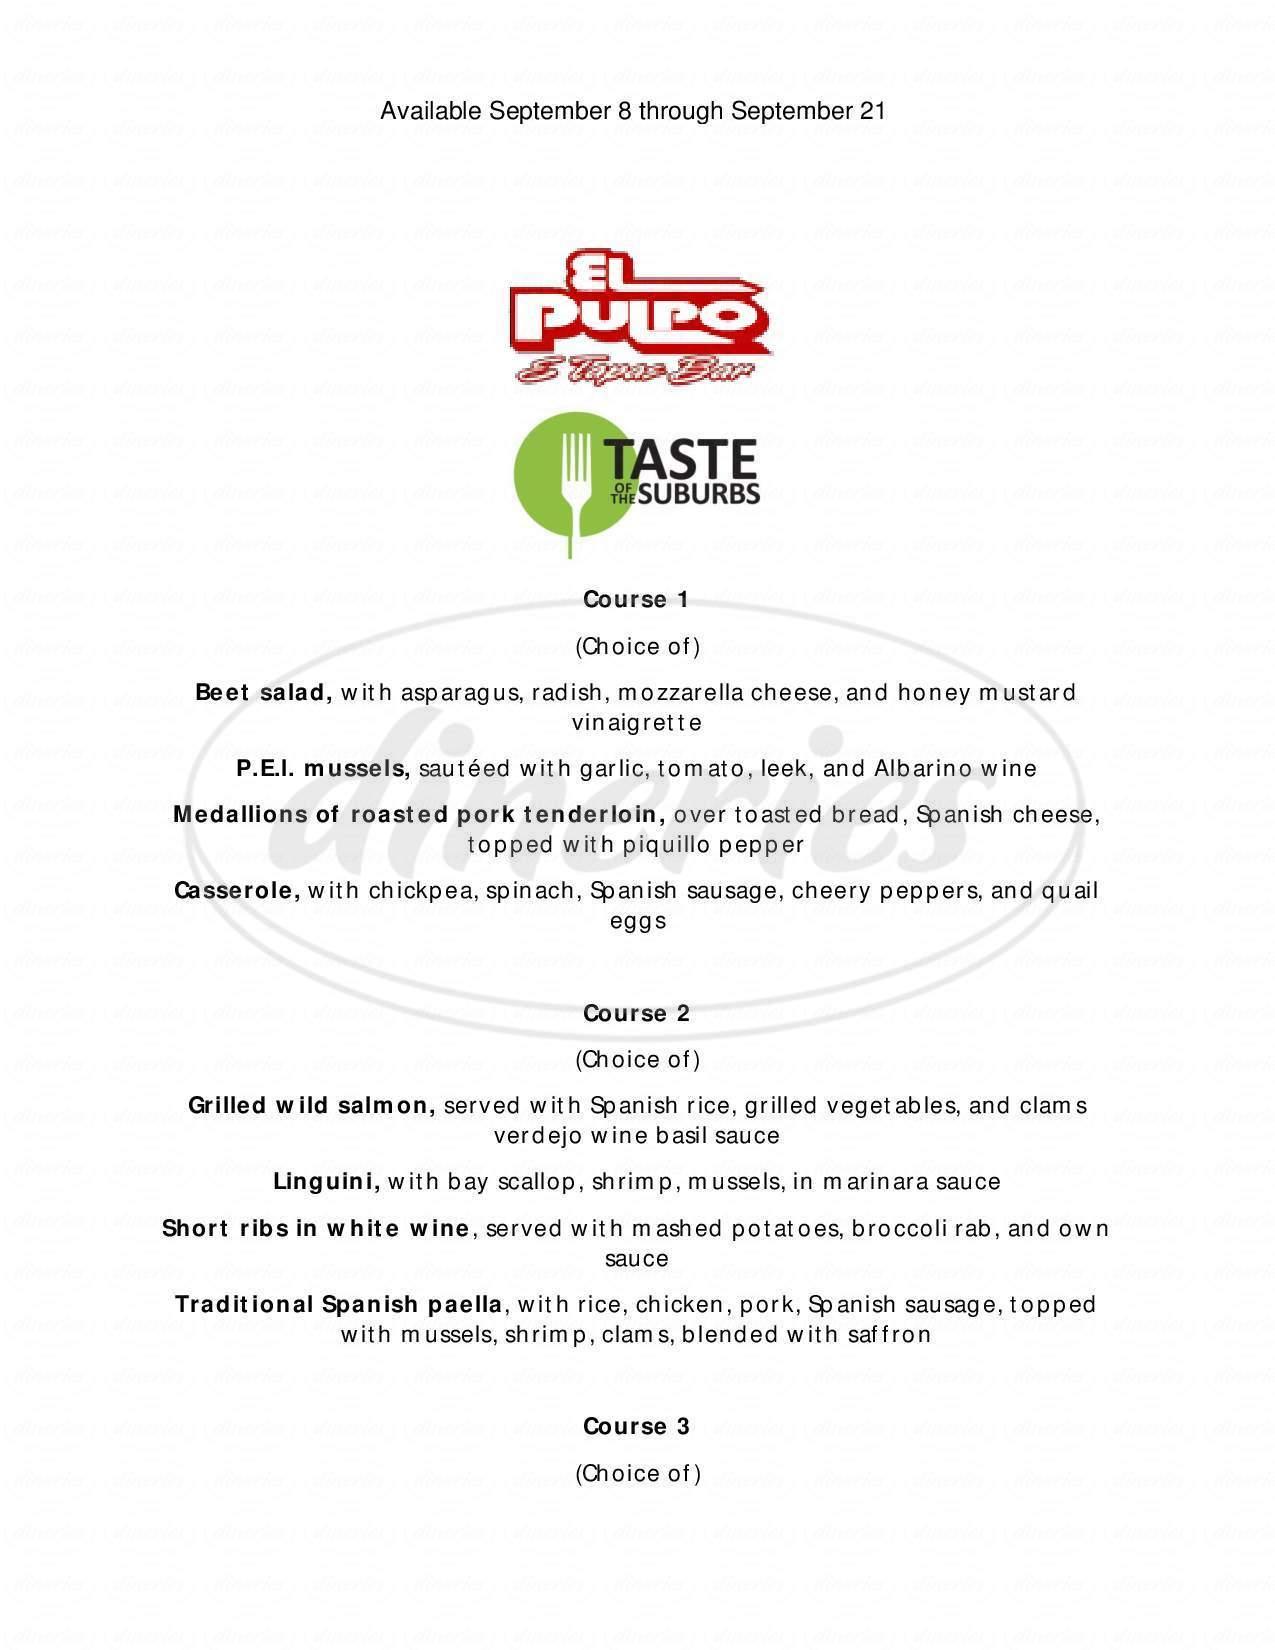 menu for El Pulpo Restaurant & Tapas Bar